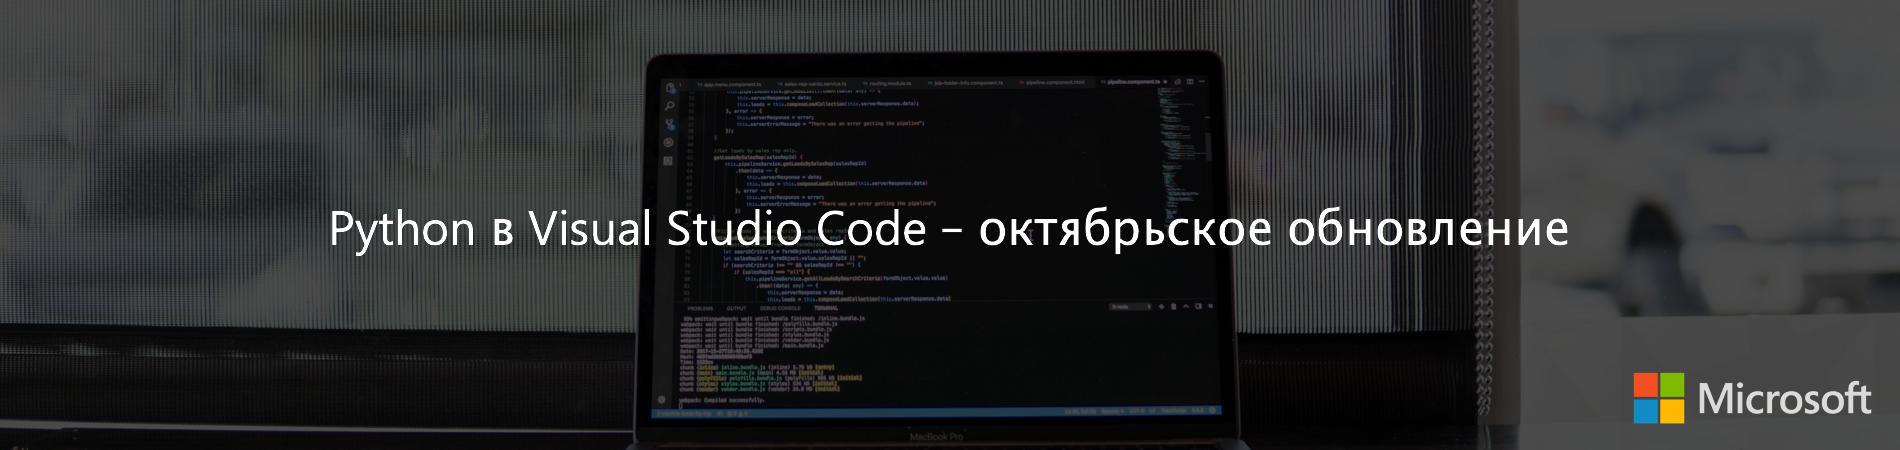 Python в Visual Studio Code – октябрьское обновление